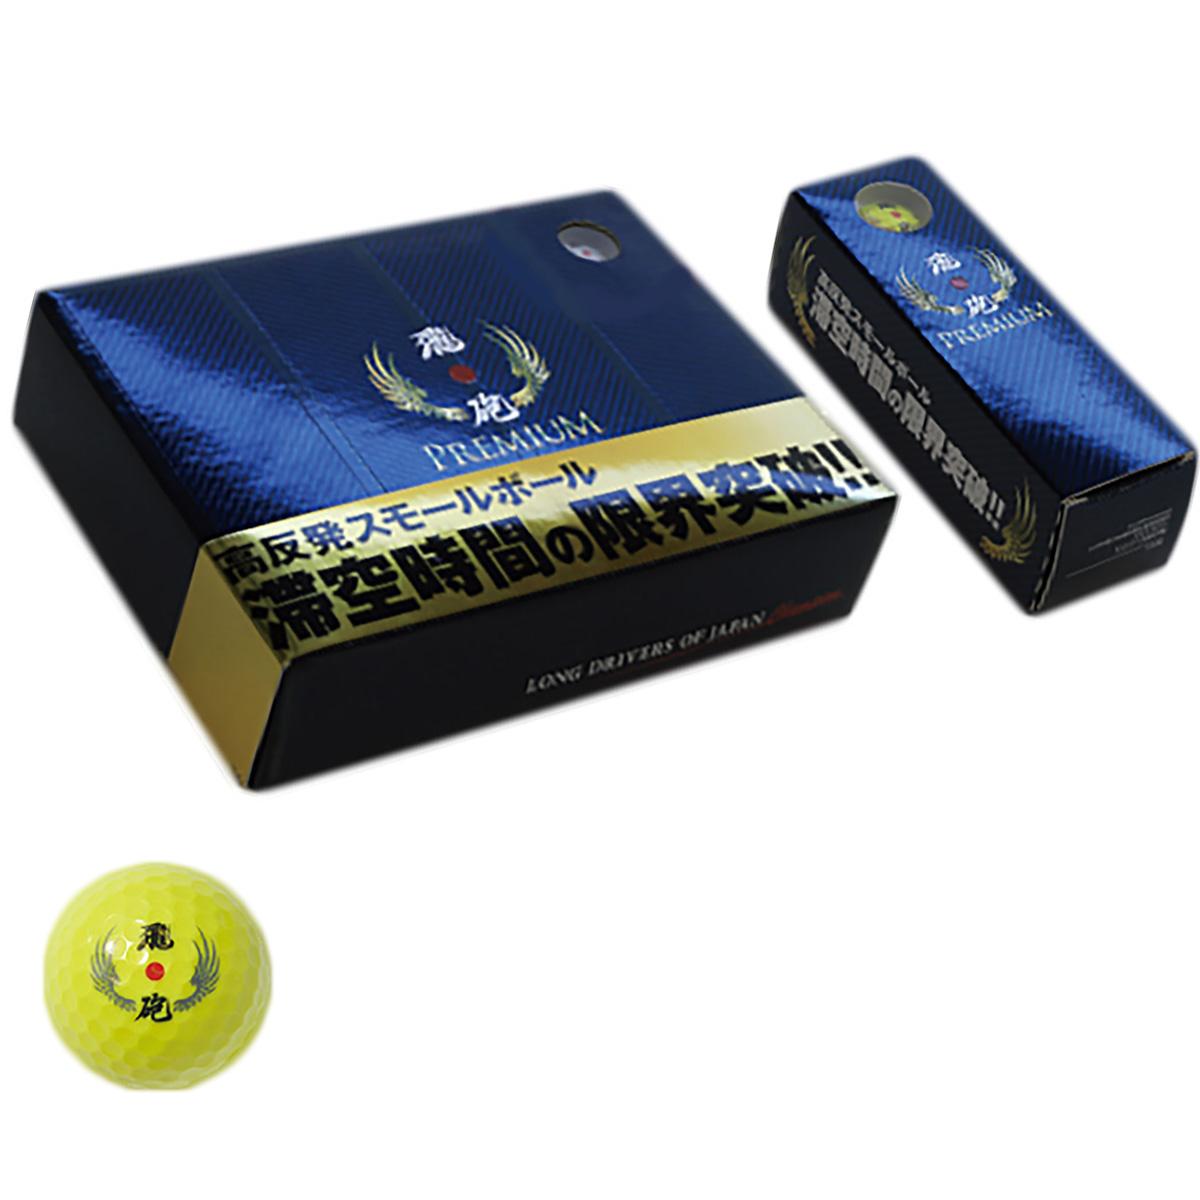 高反発スモール 飛砲PREMIUM ボール 3ダースセット【非公認球】